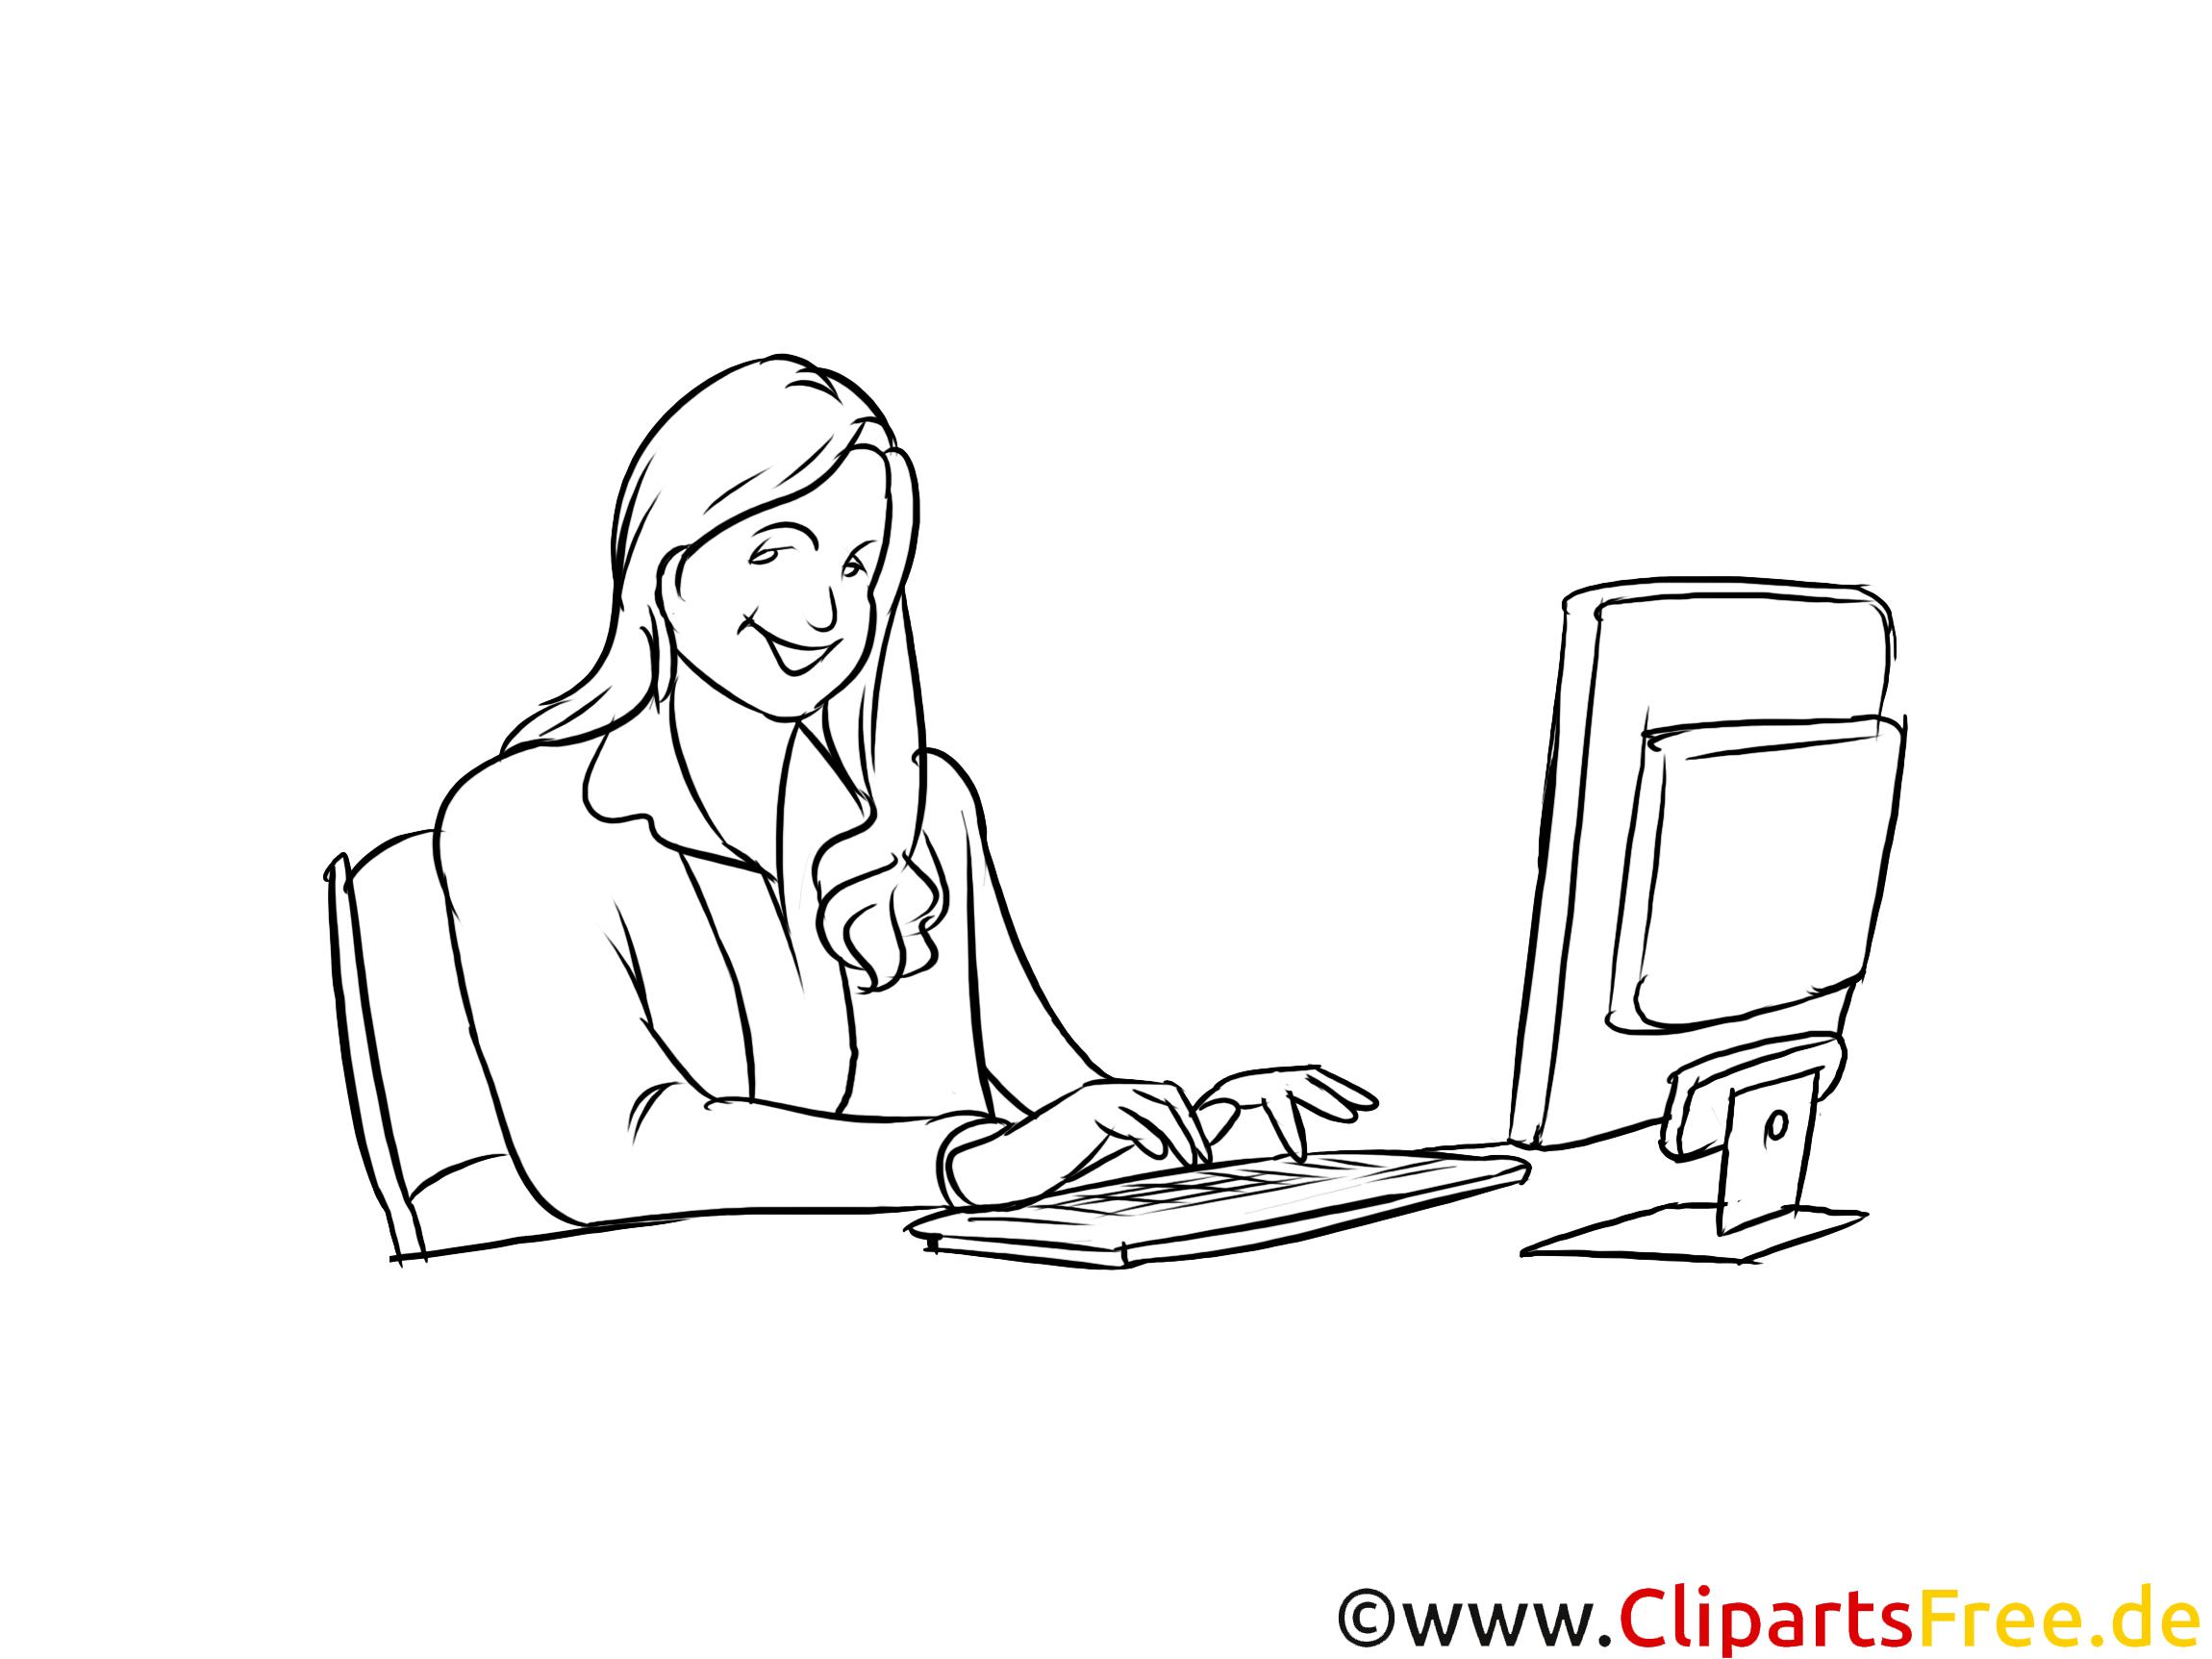 Bürokauffrau, Bürokaufmann Clipart, Grafik, Bild schwarz-weiß